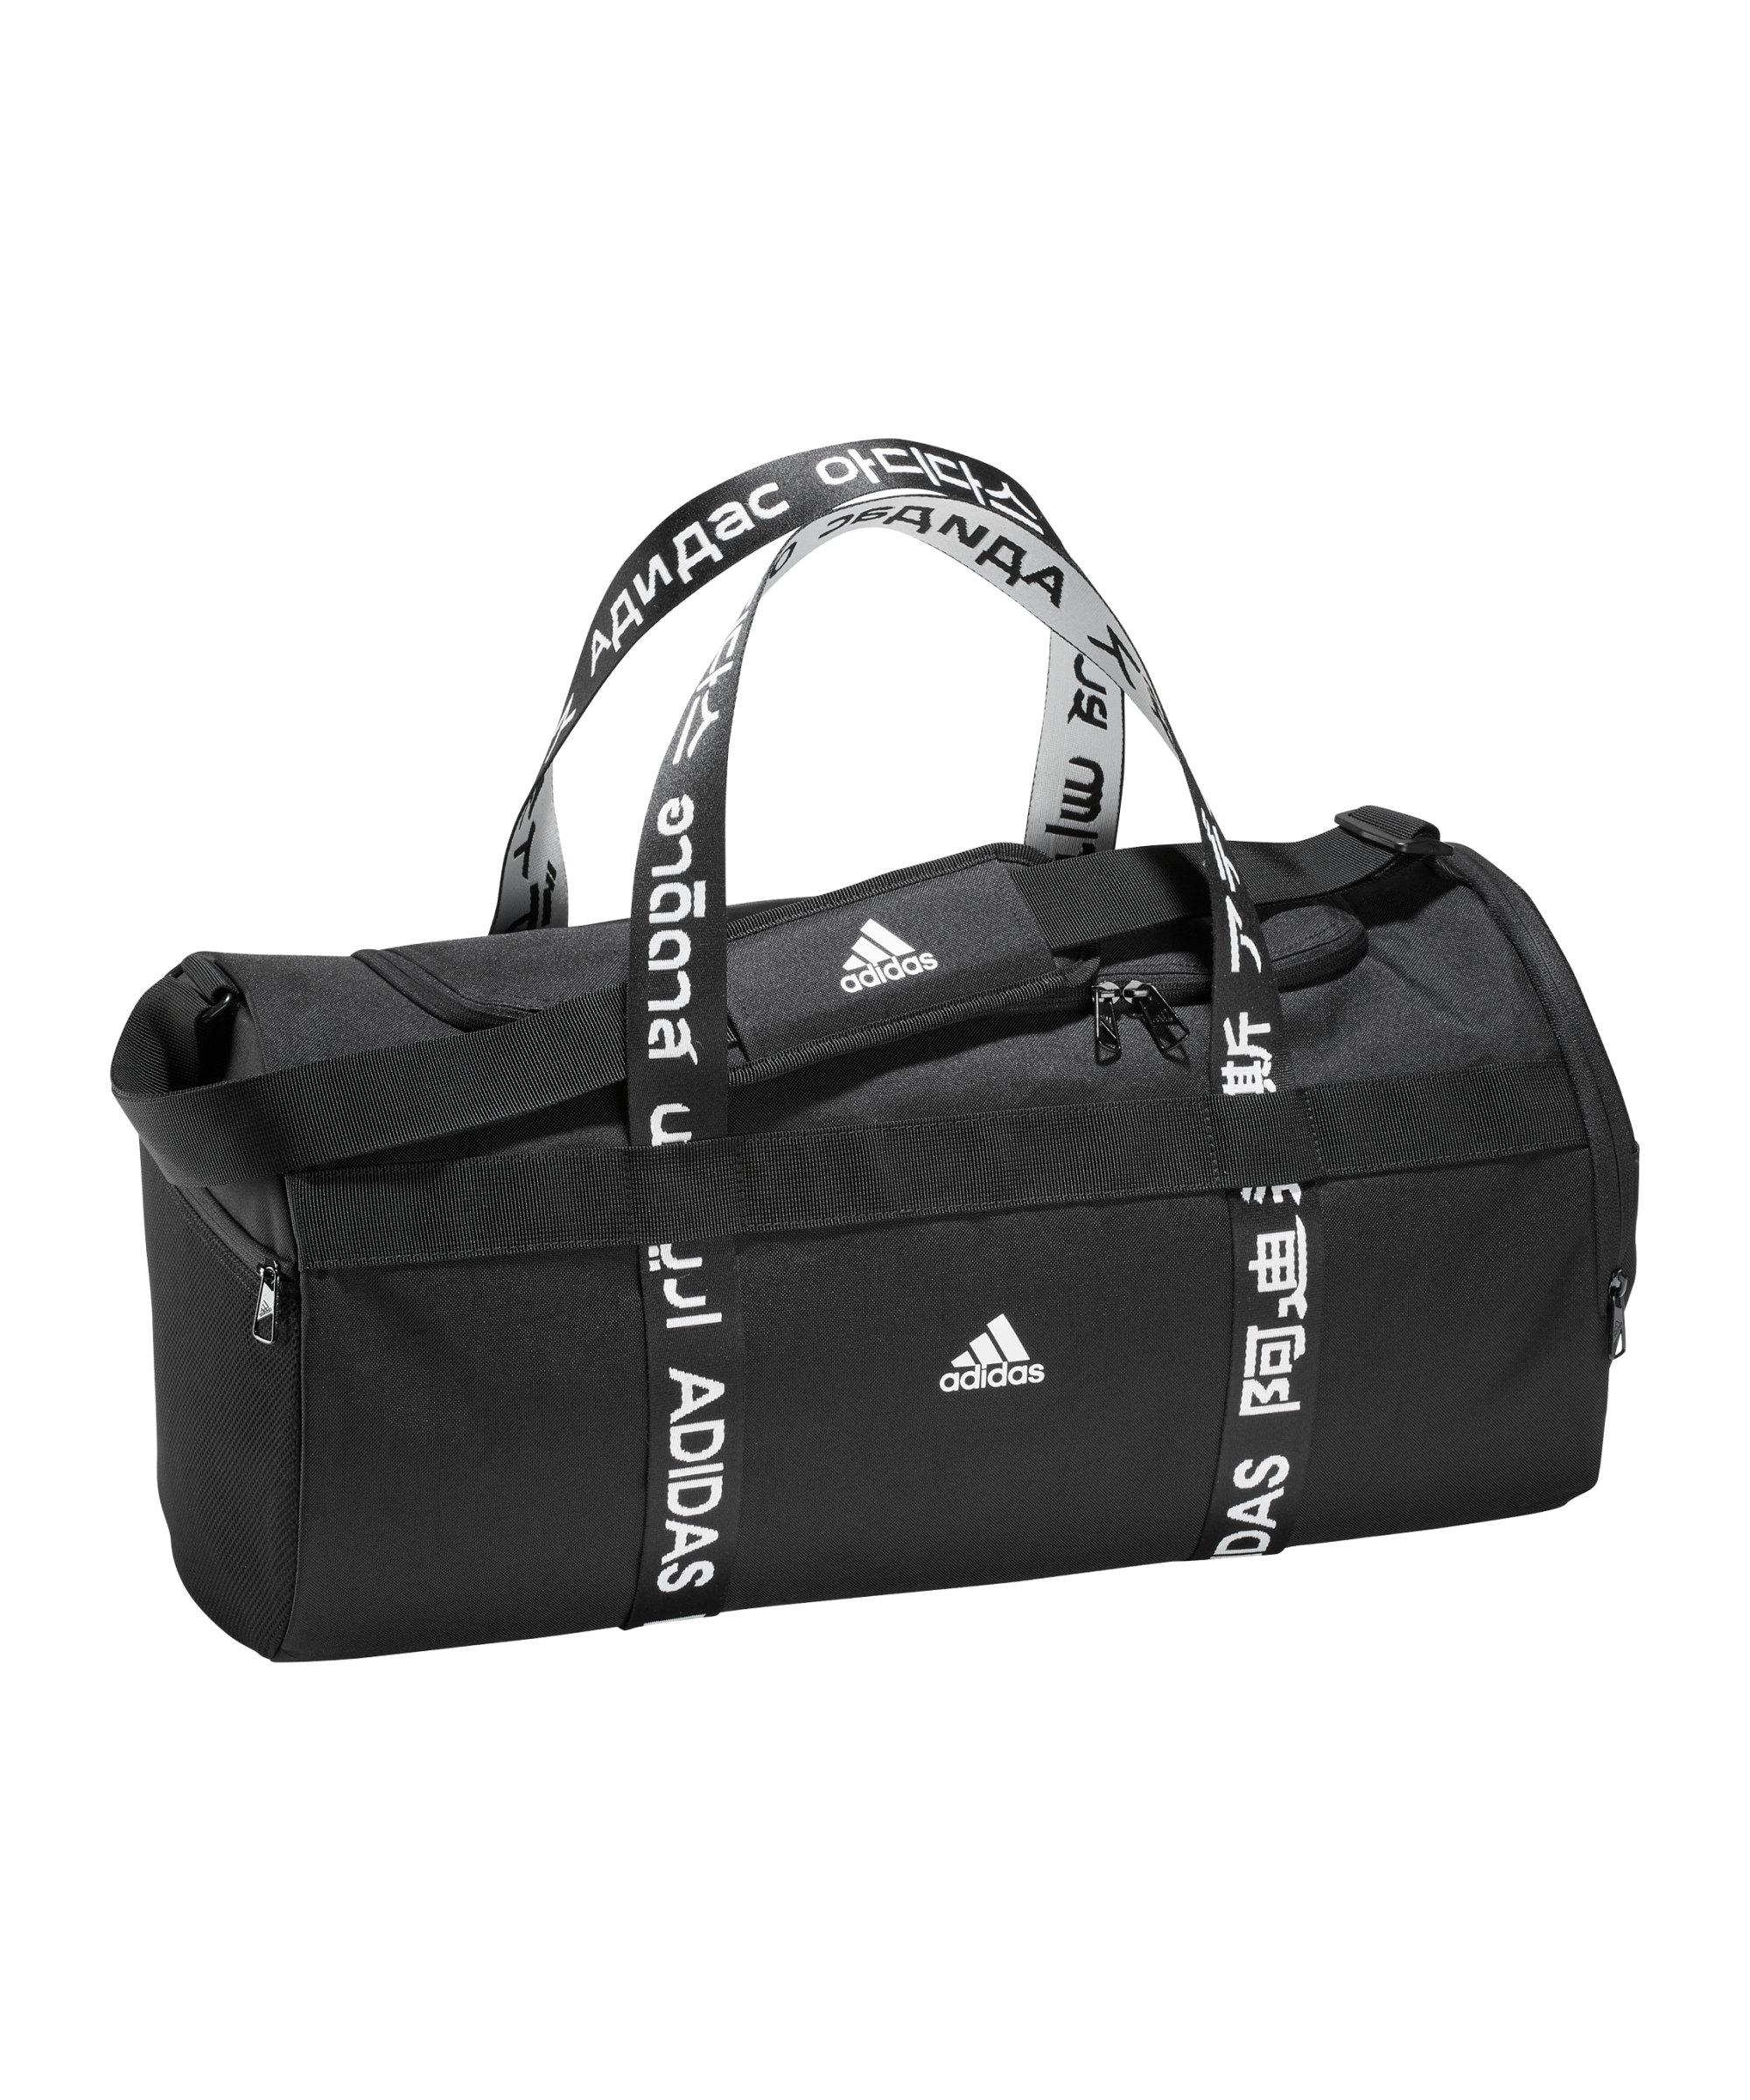 adidas 4ATHLTS M Tasche Schwarz - schwarz